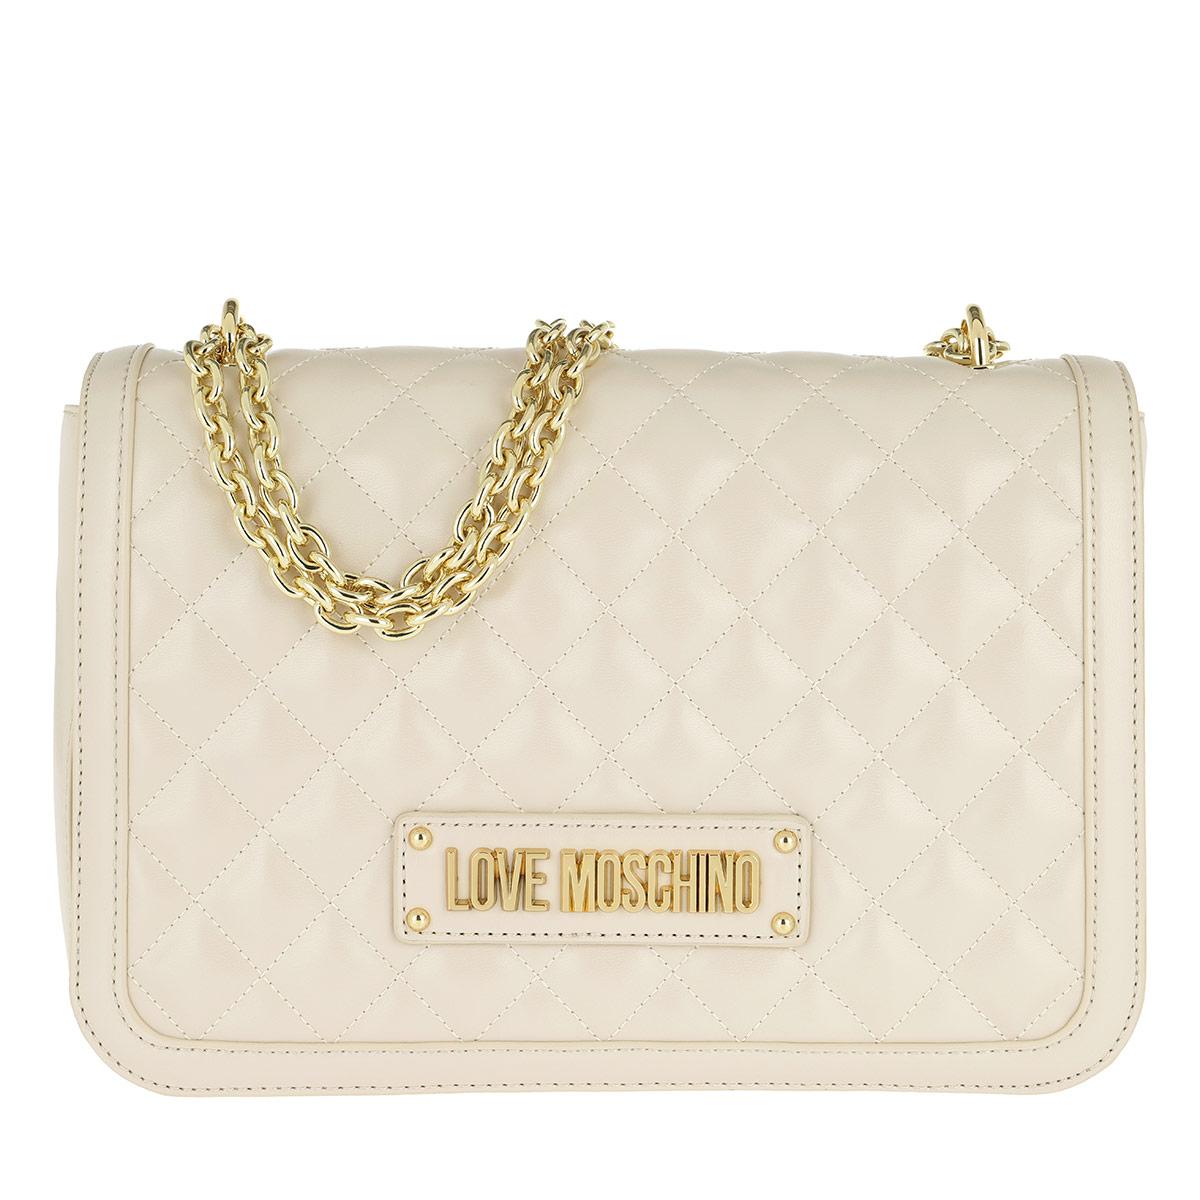 Love Moschino Umhängetasche - Quilted Nappa Pu Chain Crossbody Bag Avorio - in beige - für Damen